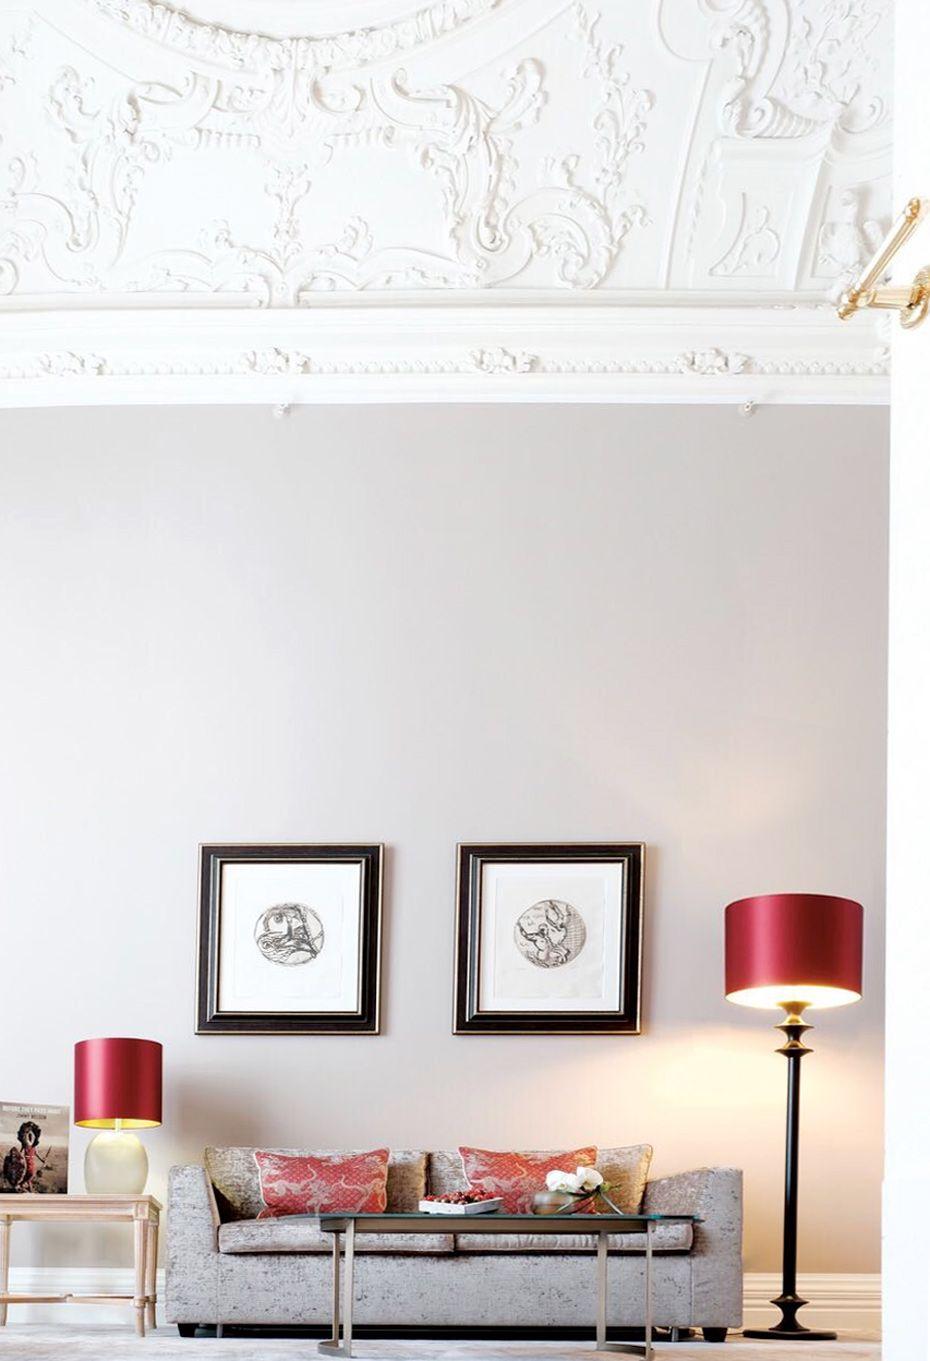 Die Neue Inneneinrichtung Der Interior Designer Von FINE ROOMS Aus Berlin  Spiegelt Den Charakter Des Großartigen